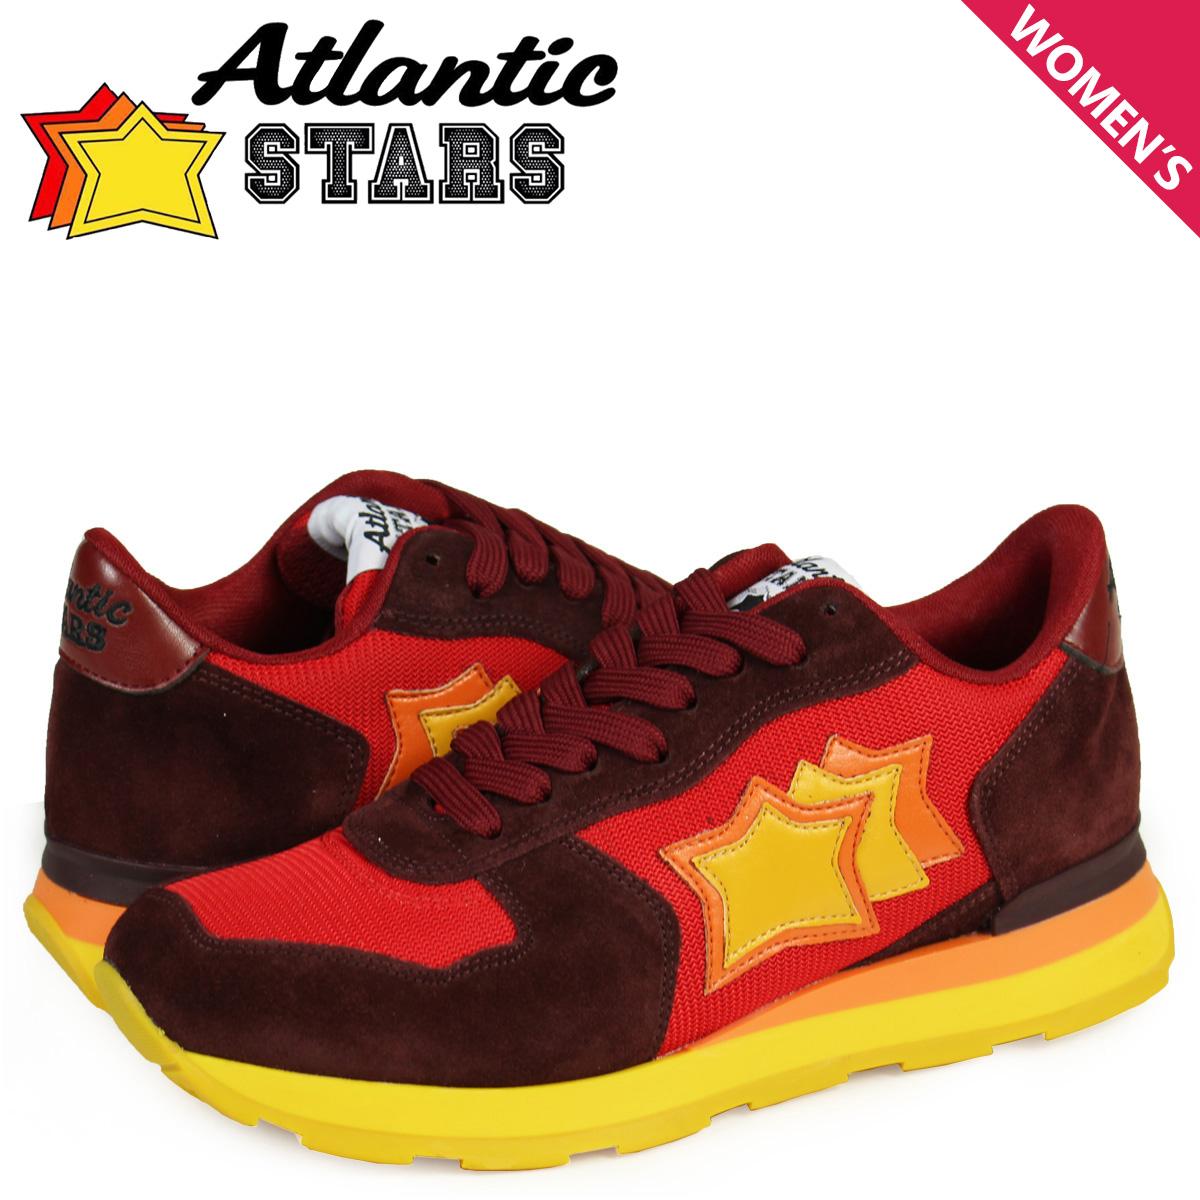 人気特価 Atlantic STARS レディース スニーカー アトランティックスターズ スニーカー ベガ VEGA VEGA BRA-46BO 靴 靴 レッド, eモノショップ:c9c03139 --- clftranspo.dominiotemporario.com